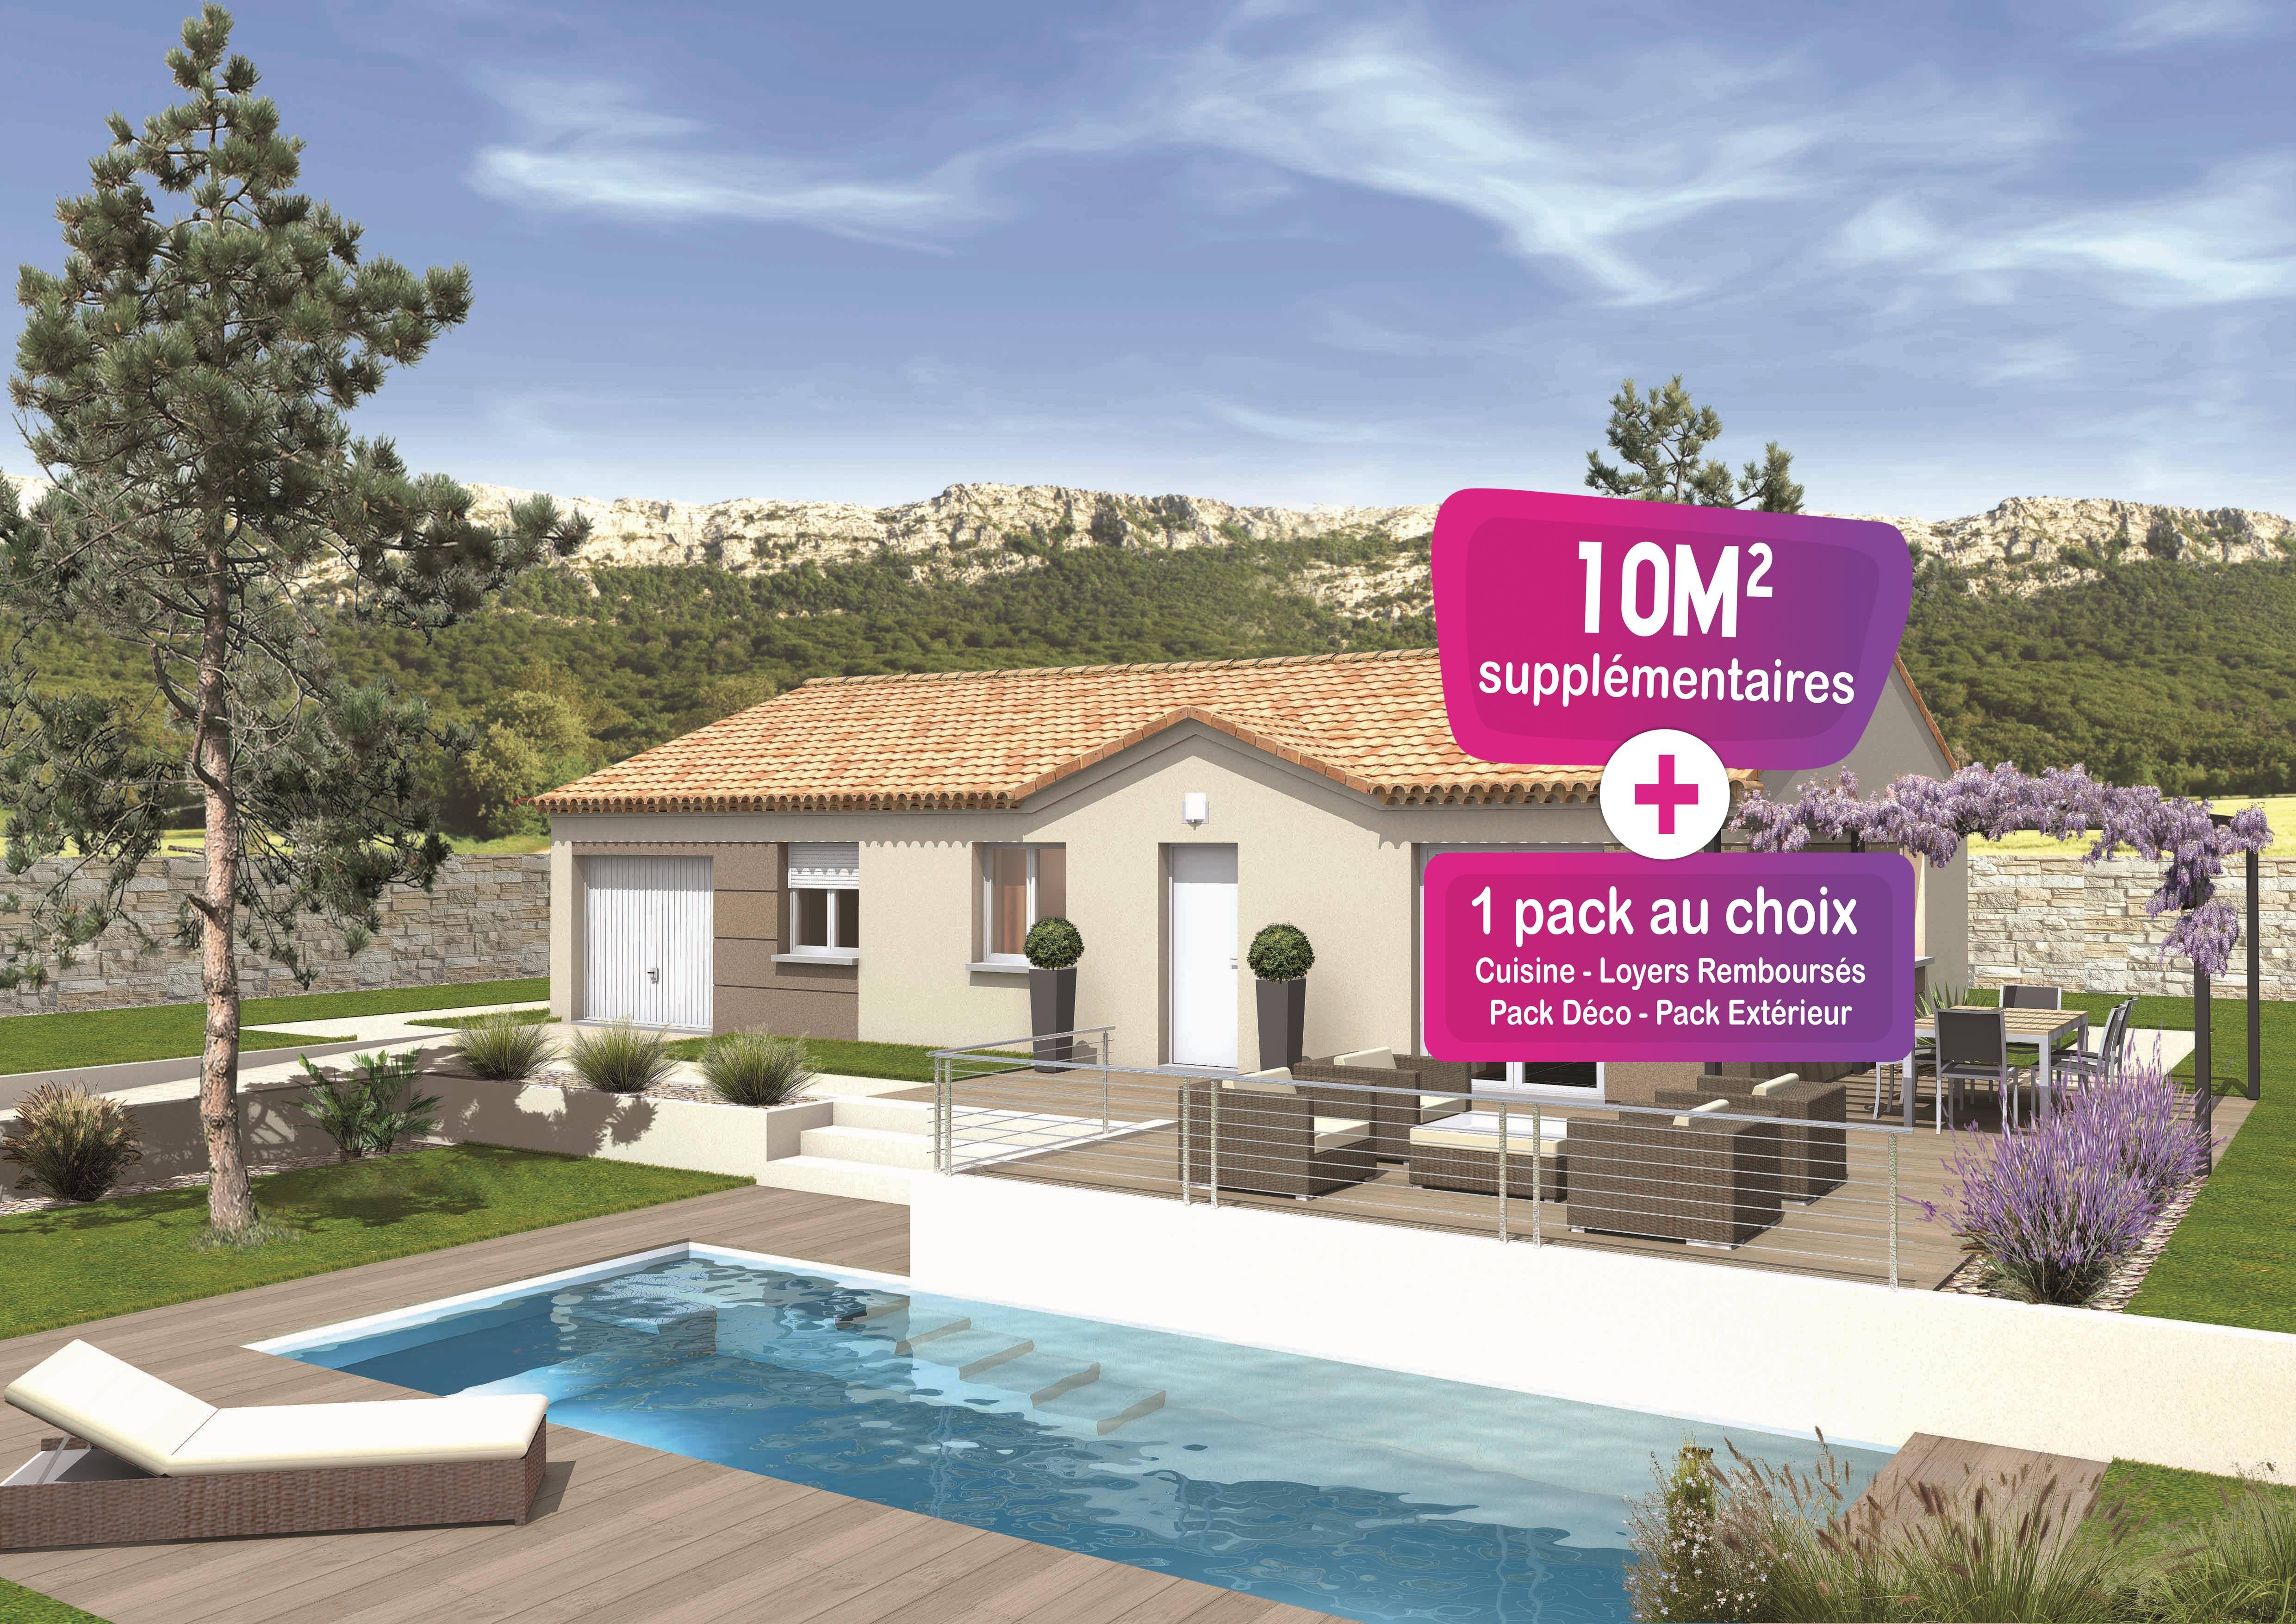 Maisons + Terrains du constructeur MAISONS PUNCH • 92 m² • UZES